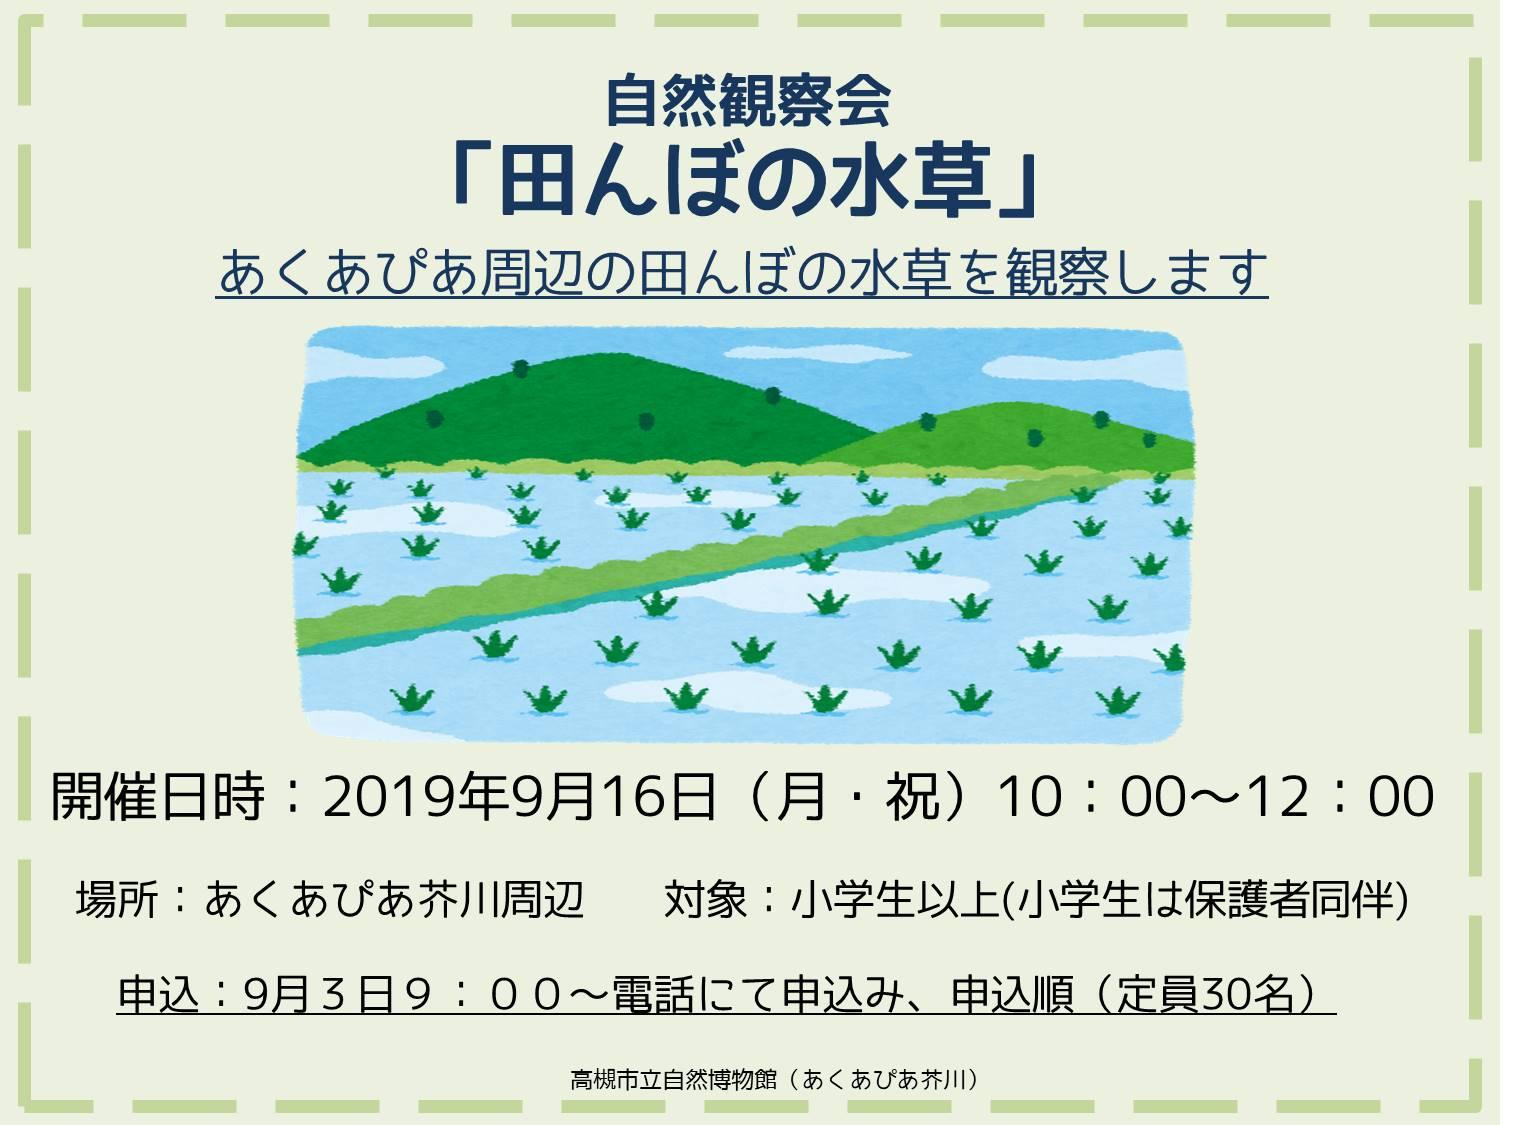 田んぼの水草HP用画像.jpg